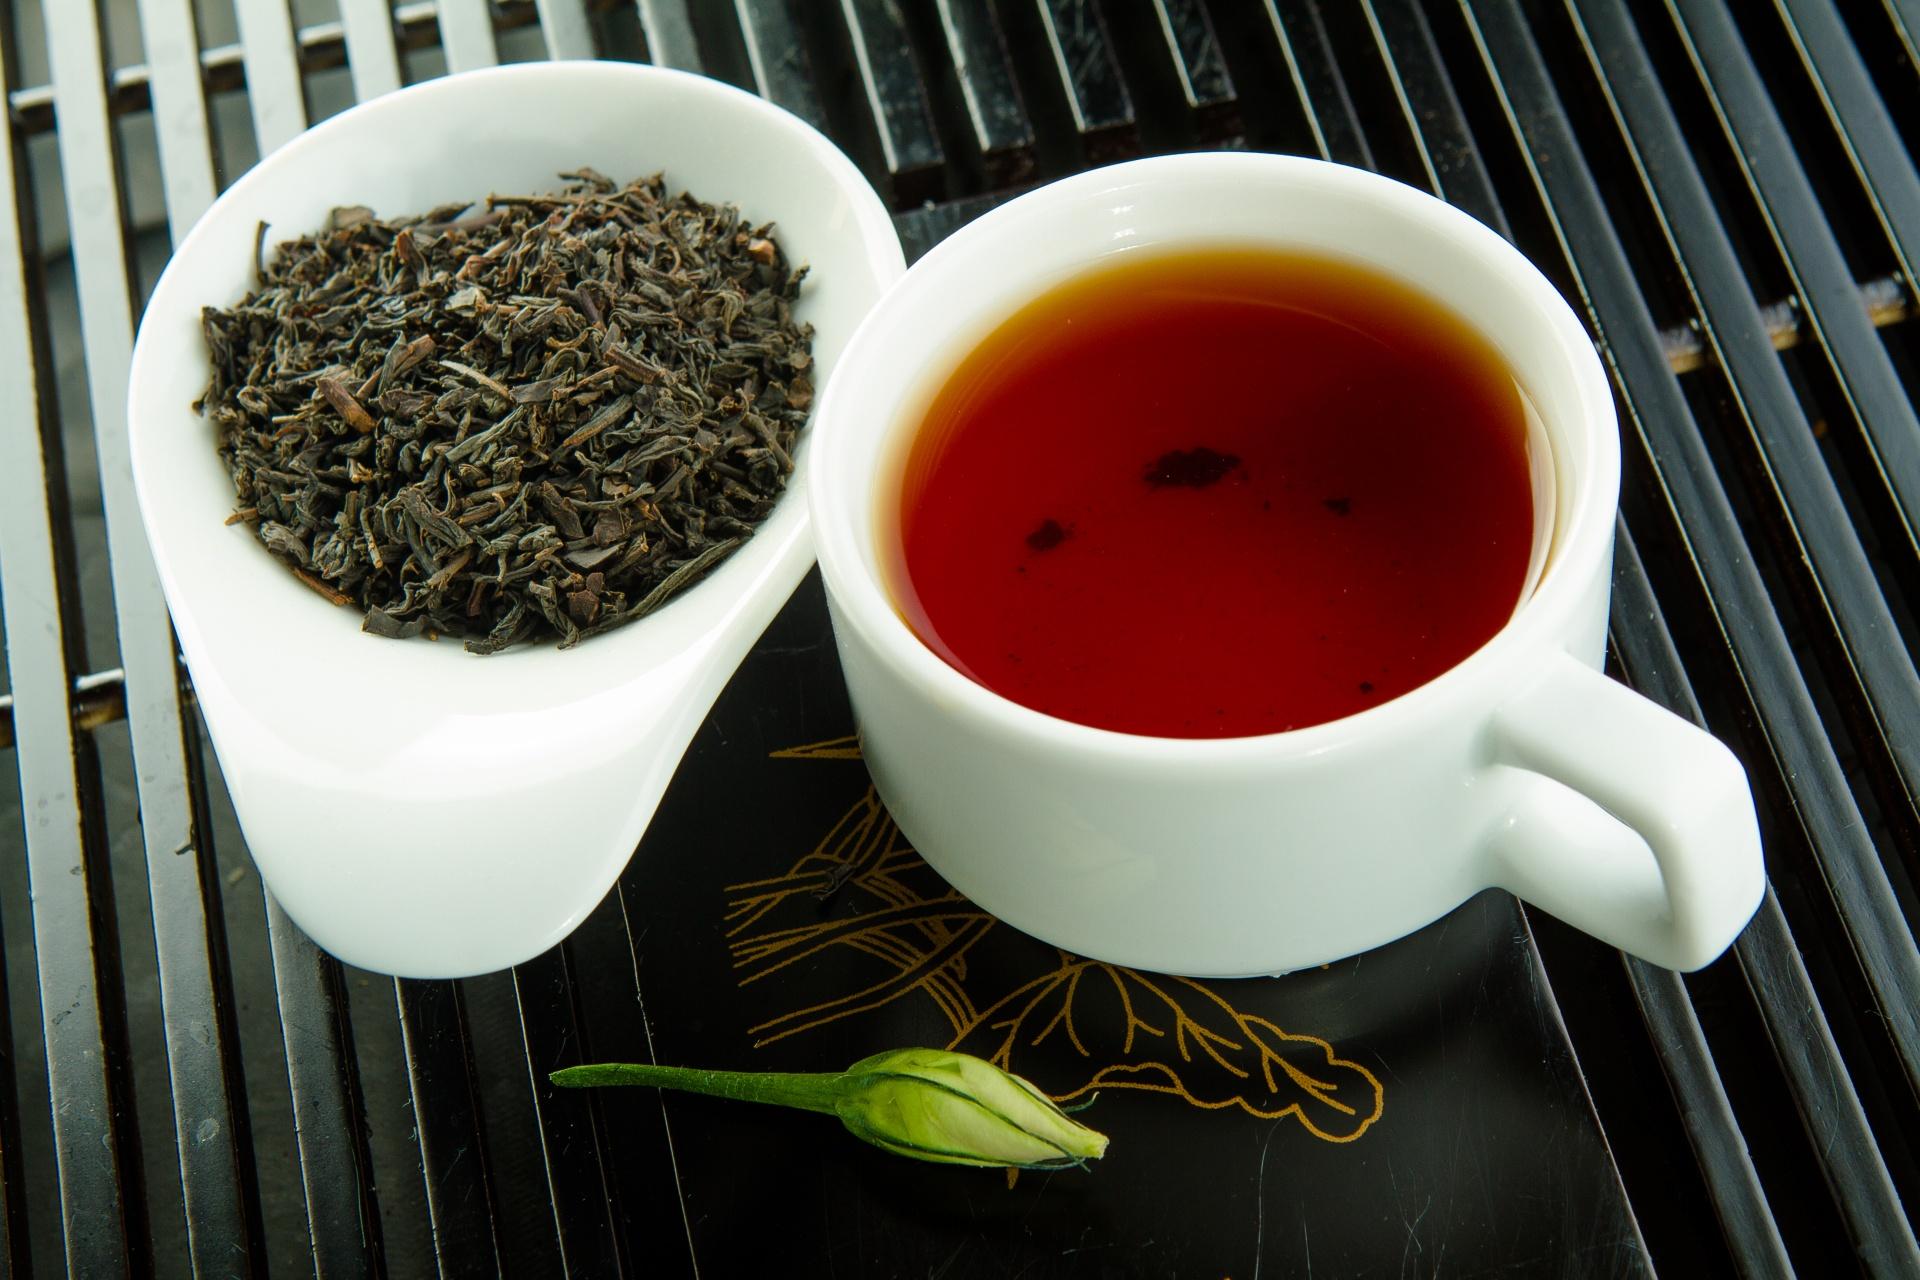 Топ-5 китайского чая: выбираем лучший сорт